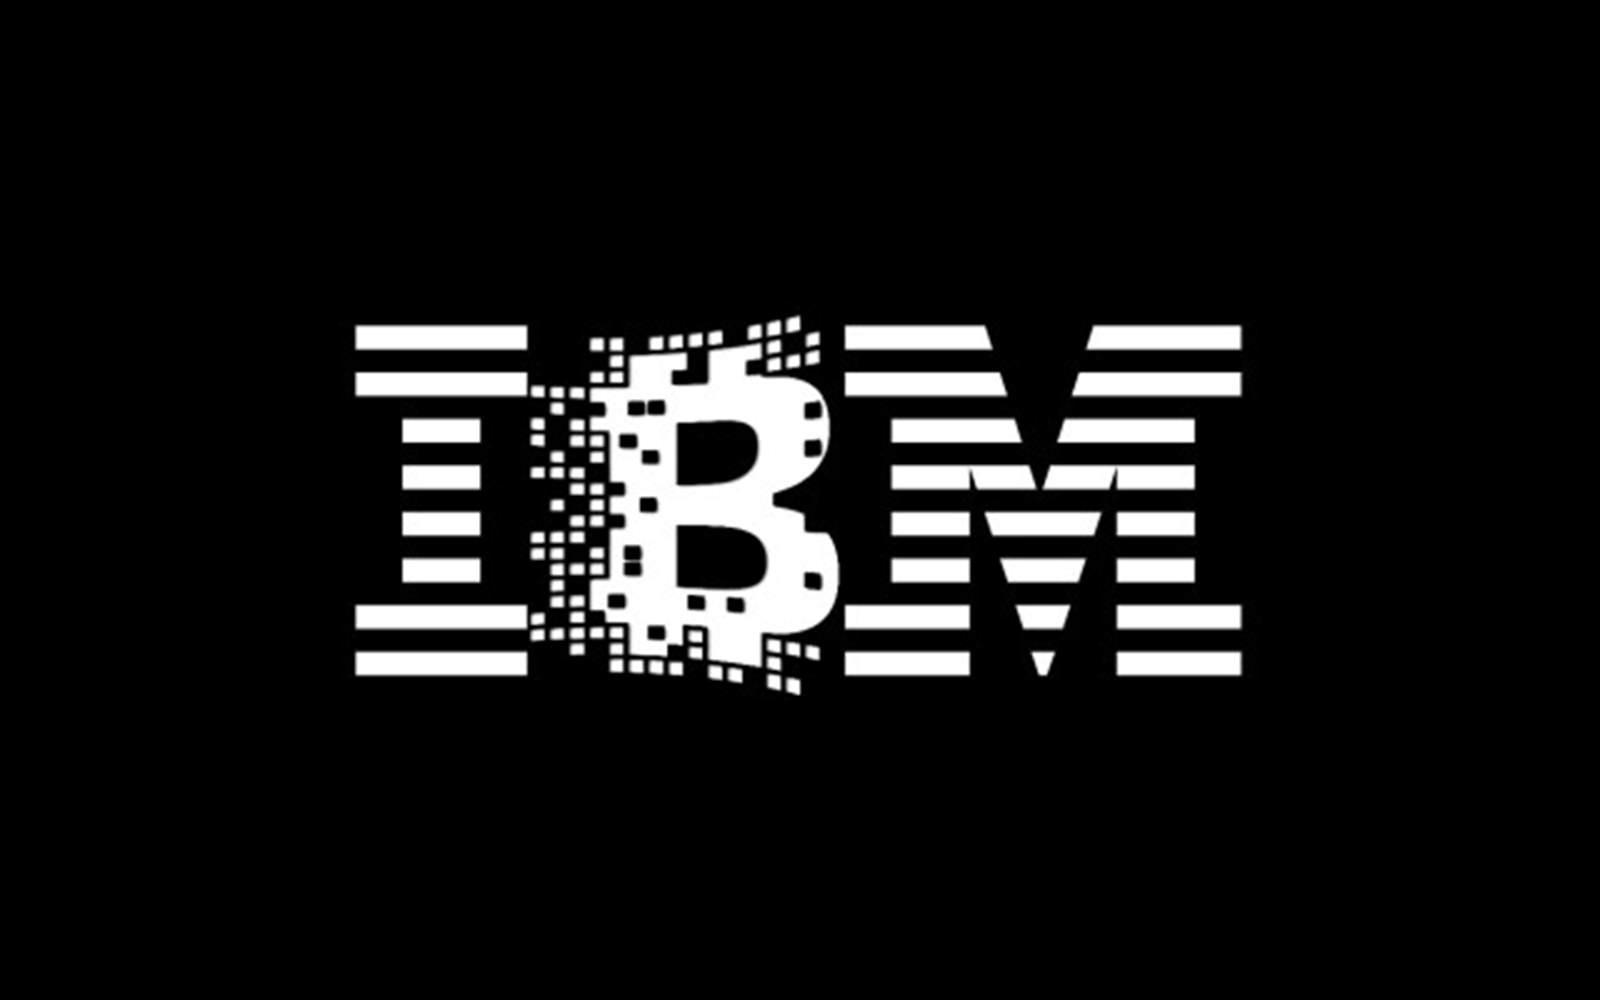 پلتفرم جدید بلاک چین IBM؛ چطور یک developer بلاک چین باشید؟